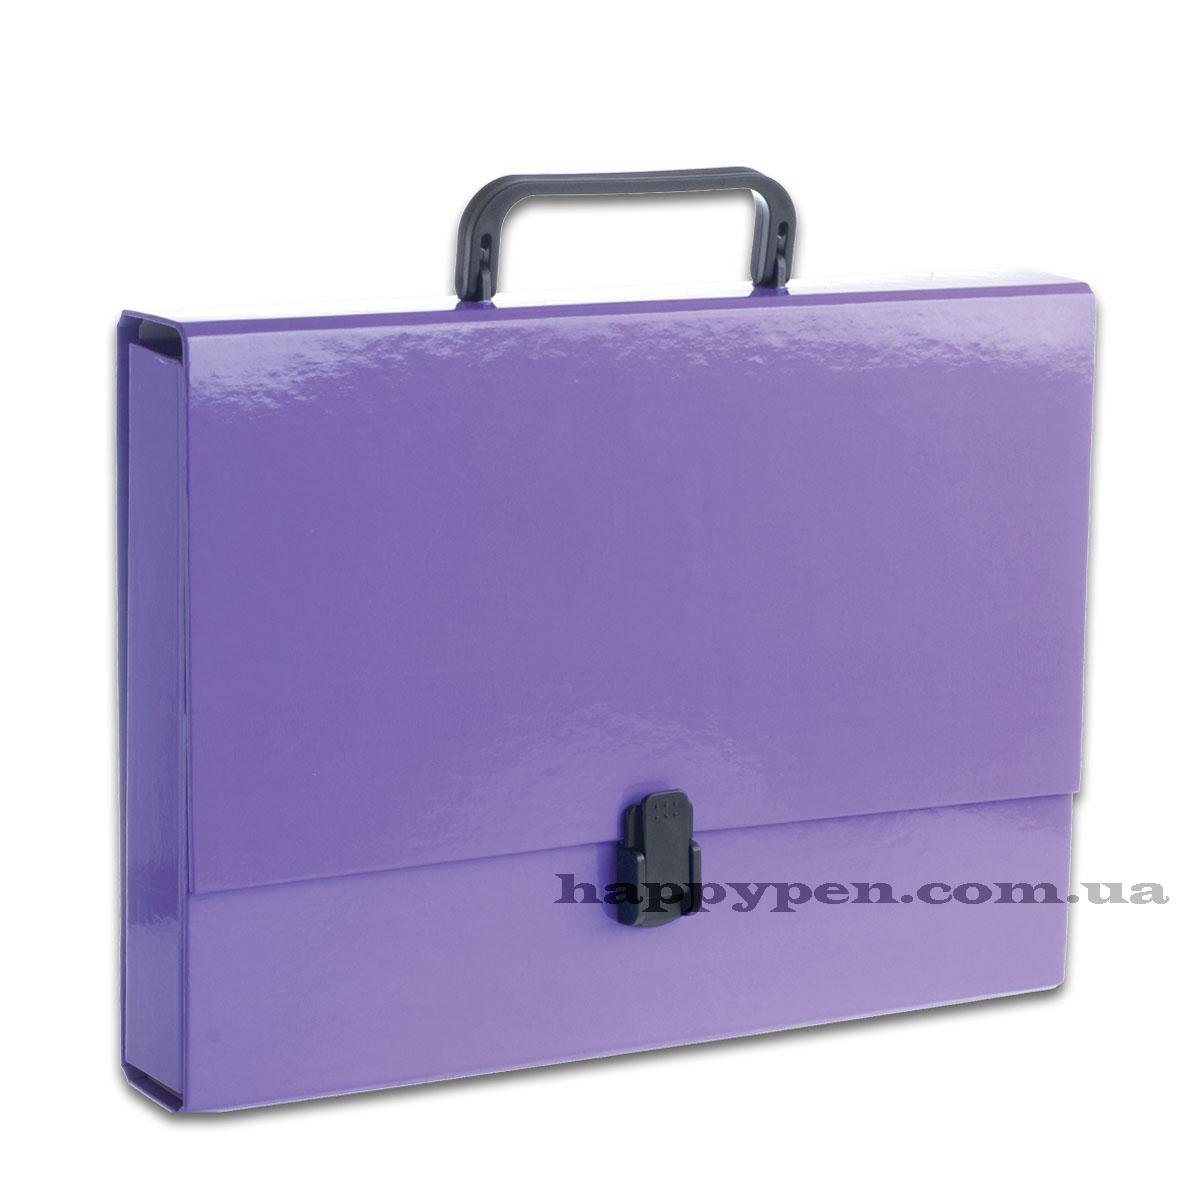 Портфель с ручкой, картонный А4 (32*23,5*5см), на 1 отделение, фиолет. Penmate - фото 1